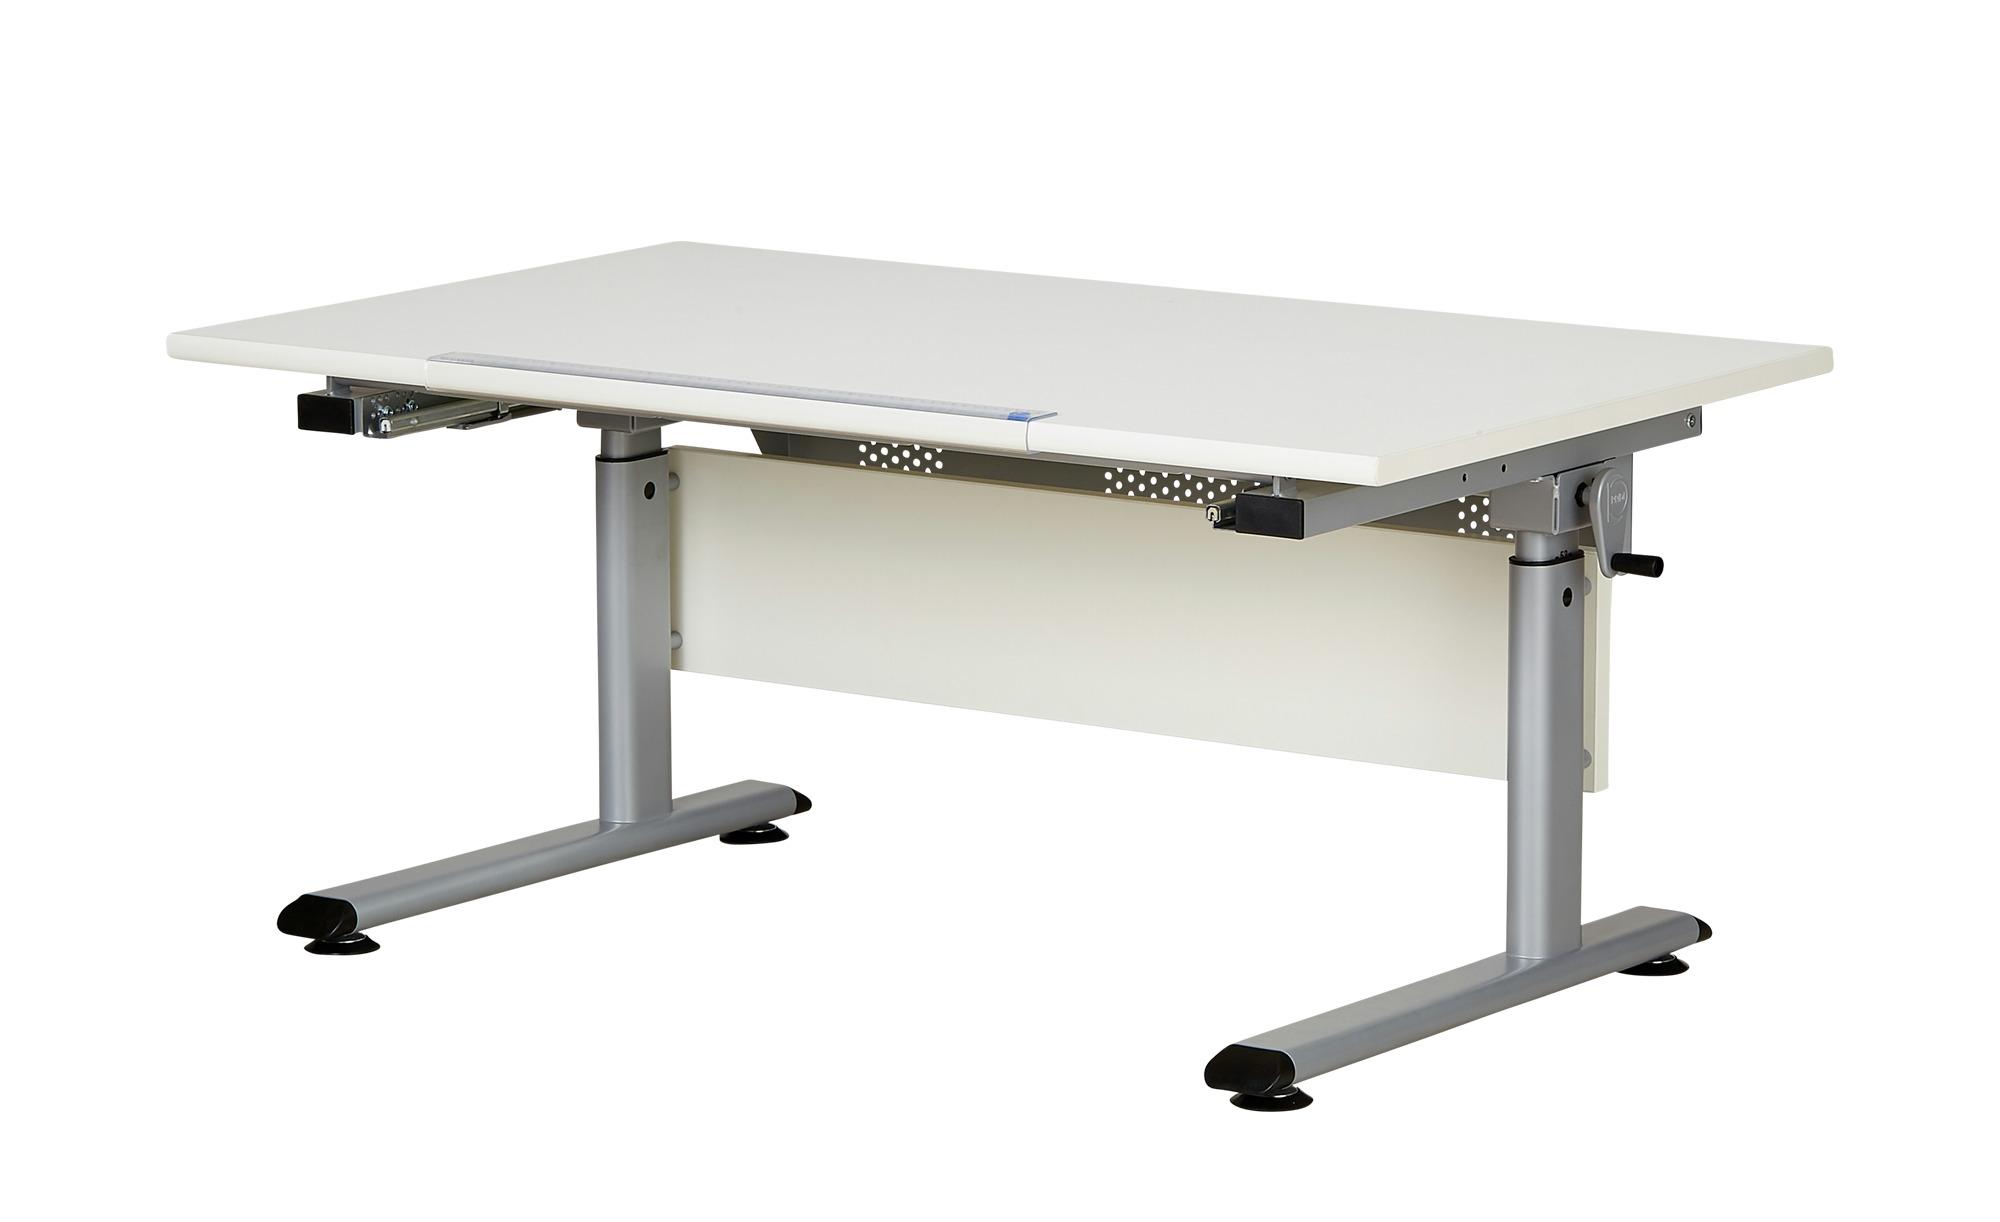 PAIDI Schülerschreibtisch Marco 2 | weiß - Möbel Kraft